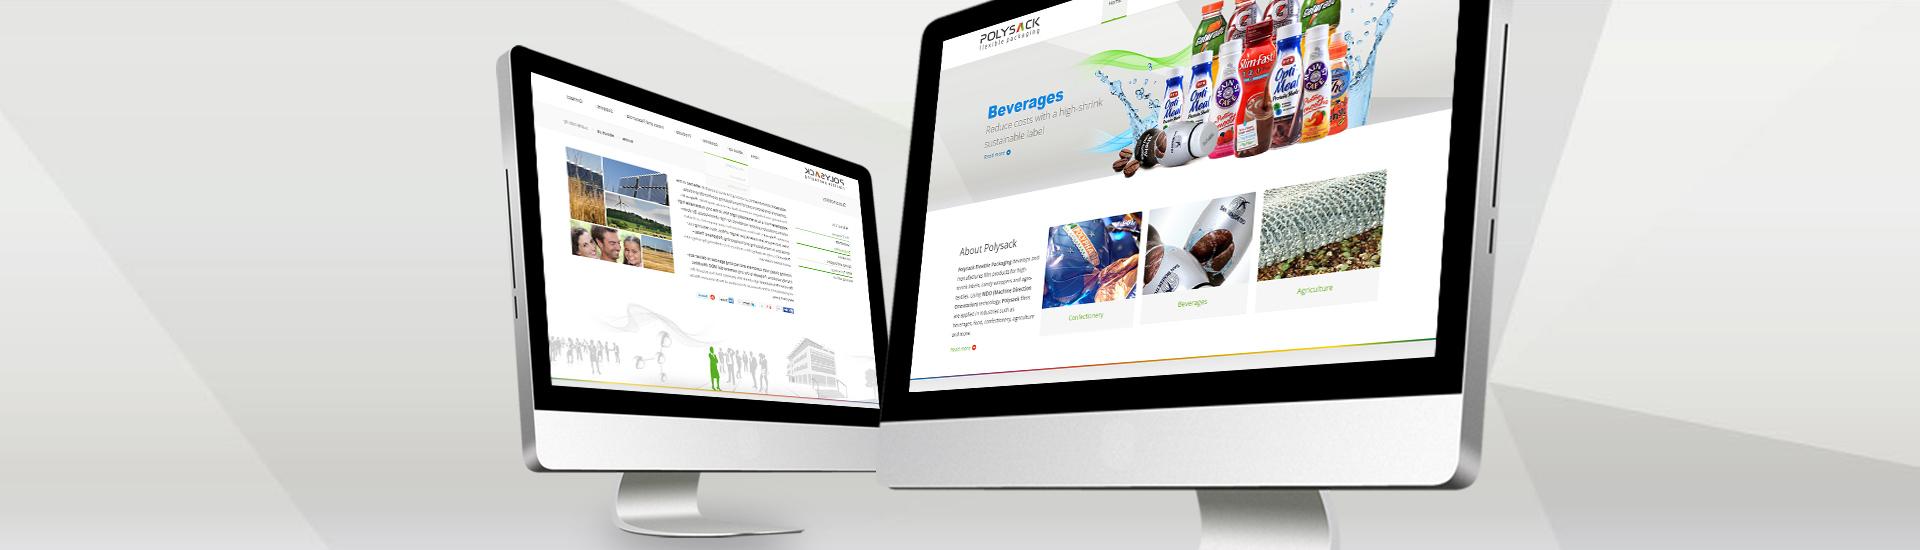 פוליסאק - תצוגת מחשב - פיתוח אתר